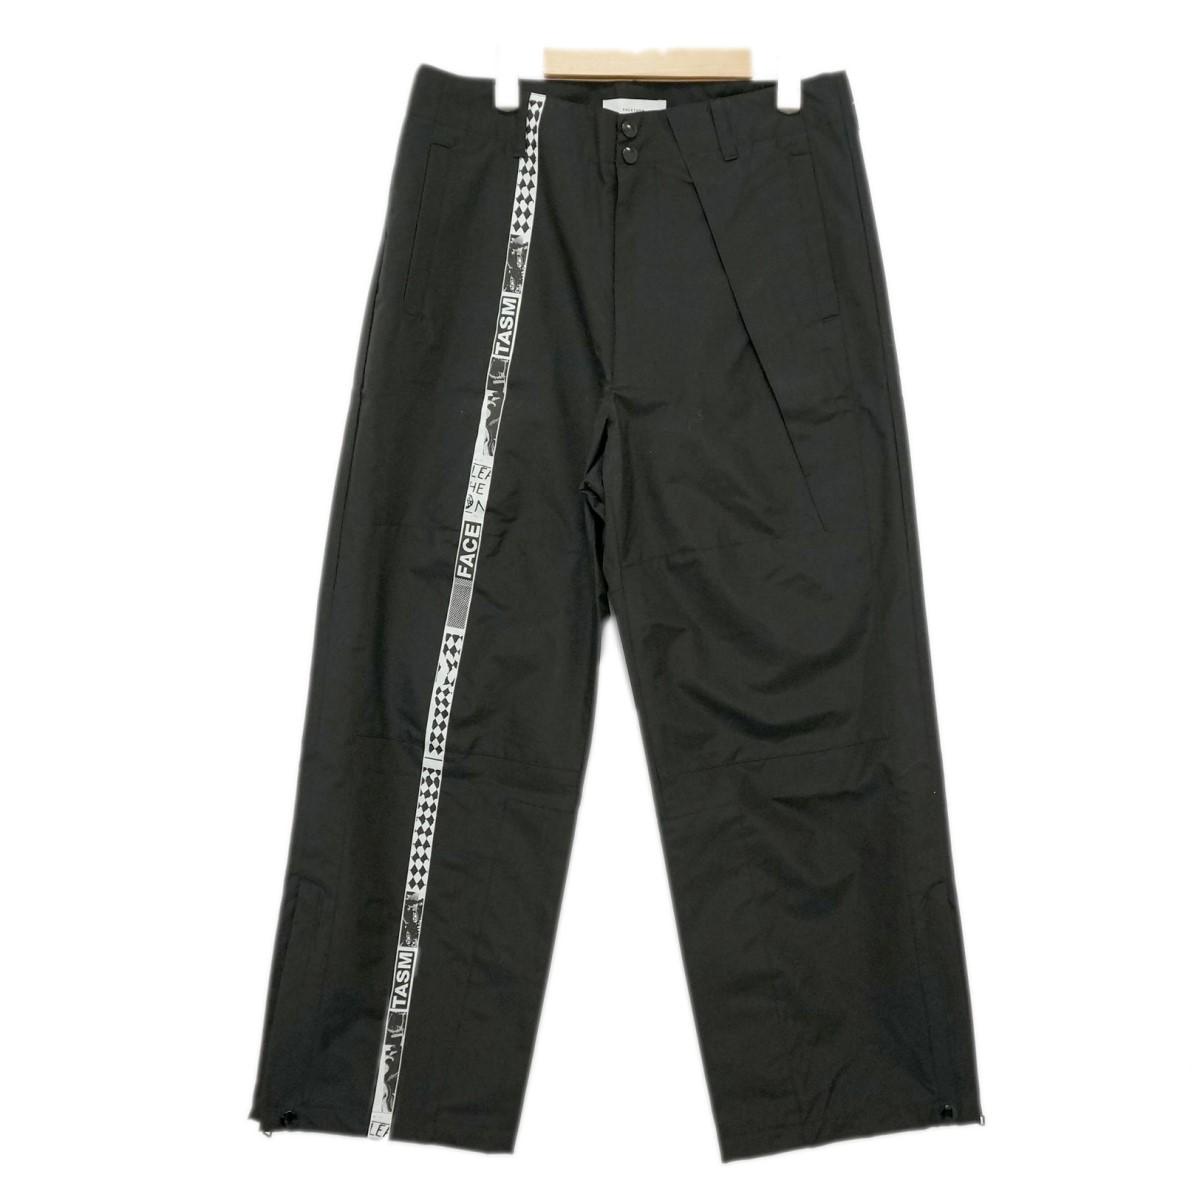 【中古】FACETASM 裾ジップ ナイロンパンツ CHG-PT-M05 ブラック サイズ:3 【240220】(ファセッタズム)